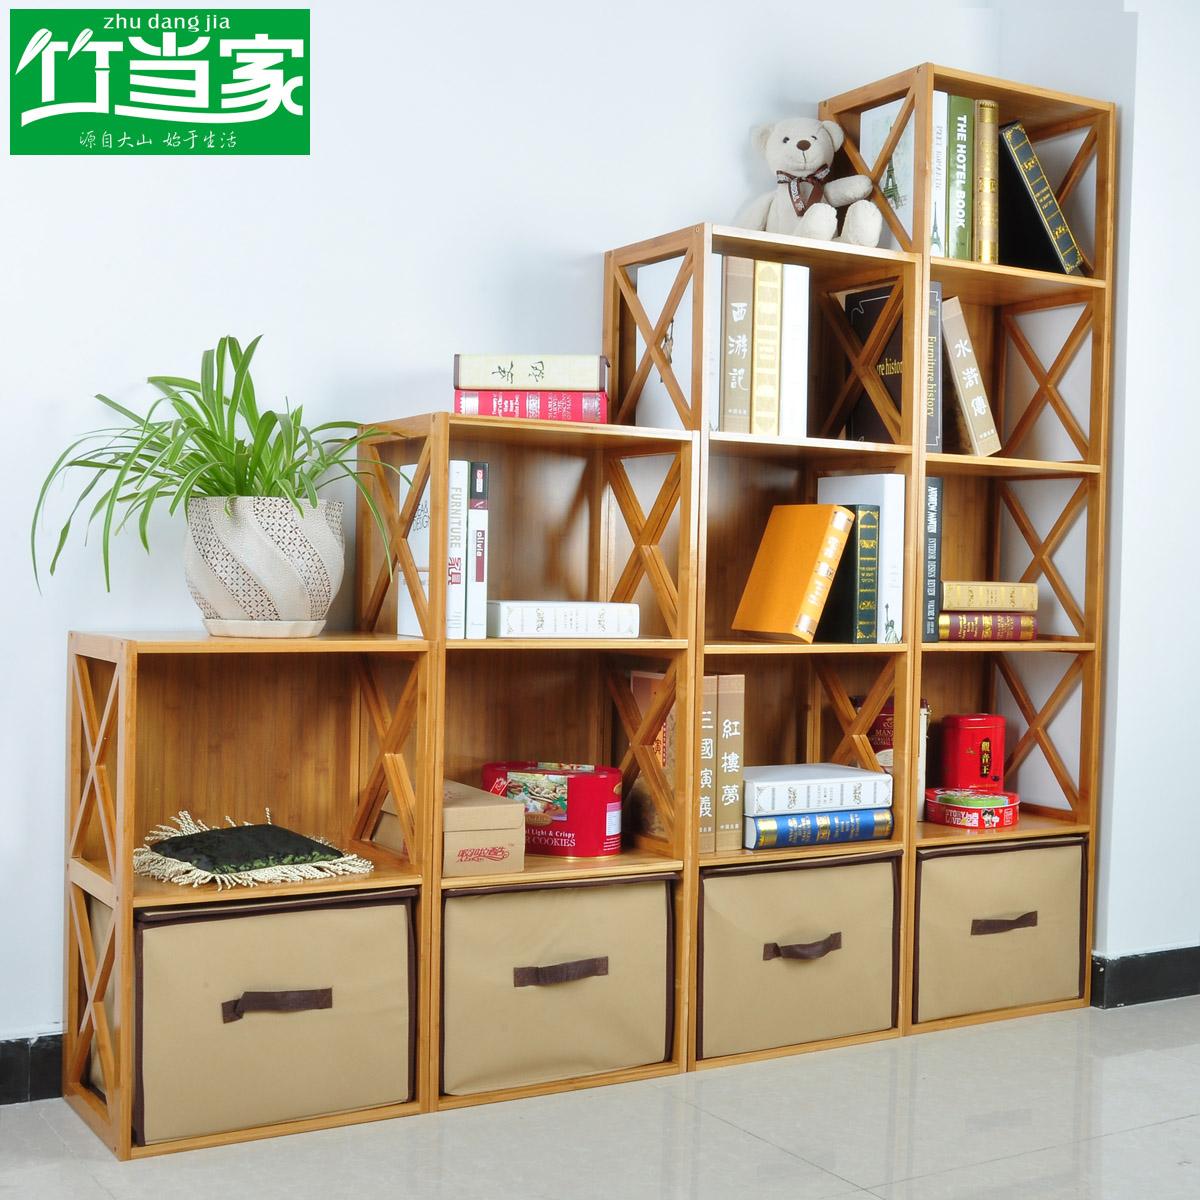 Tiger Melbourne Badkamer ~ Online kopen Wholesale bamboe opbergkast uit China bamboe opbergkast